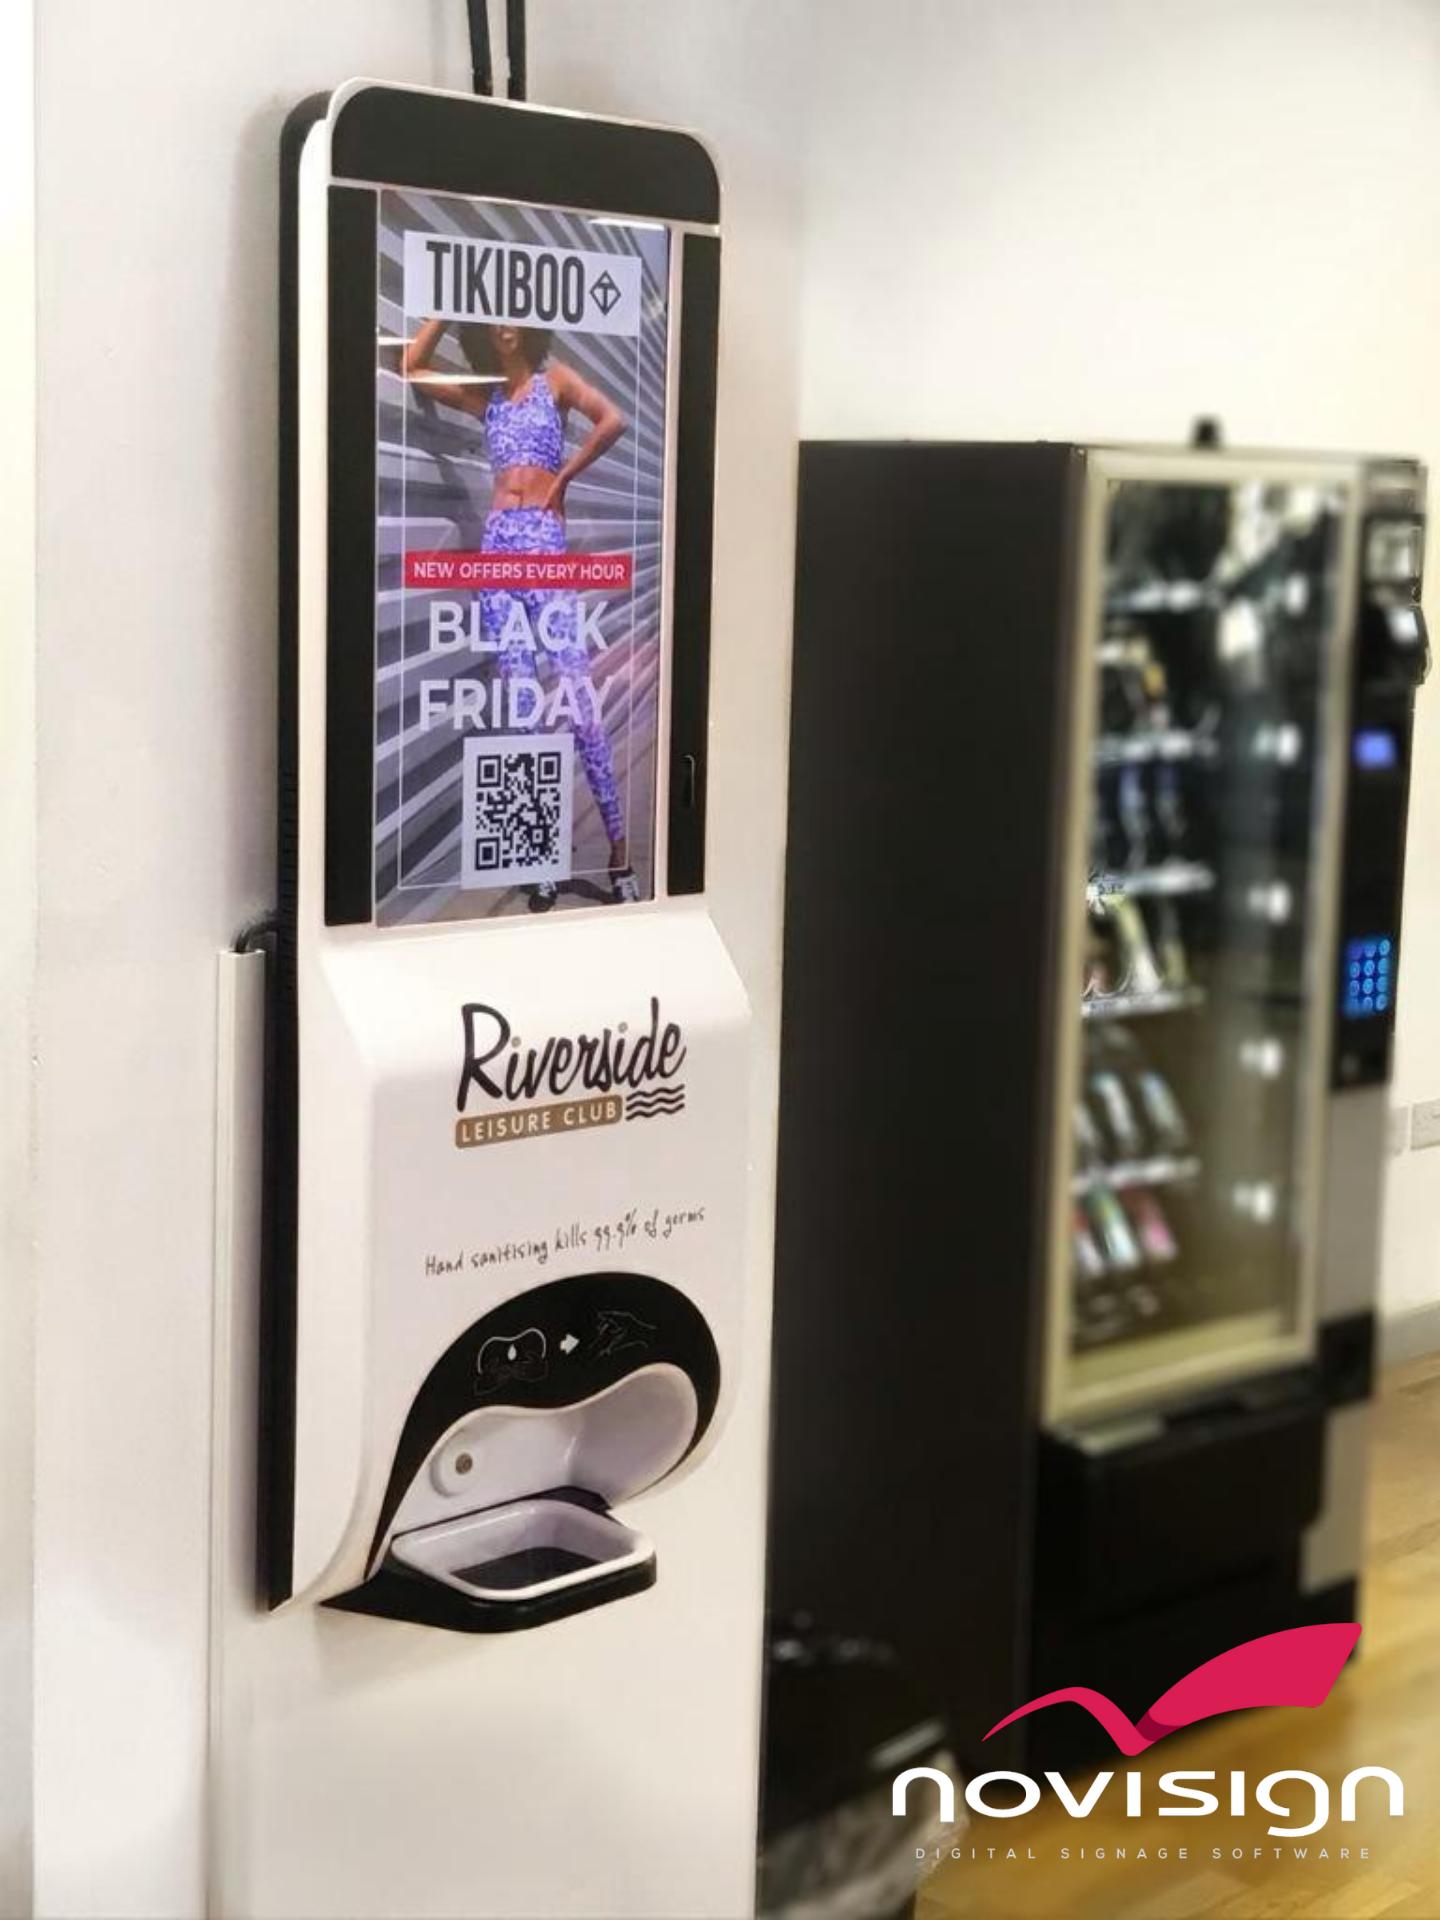 kiosk-6.png